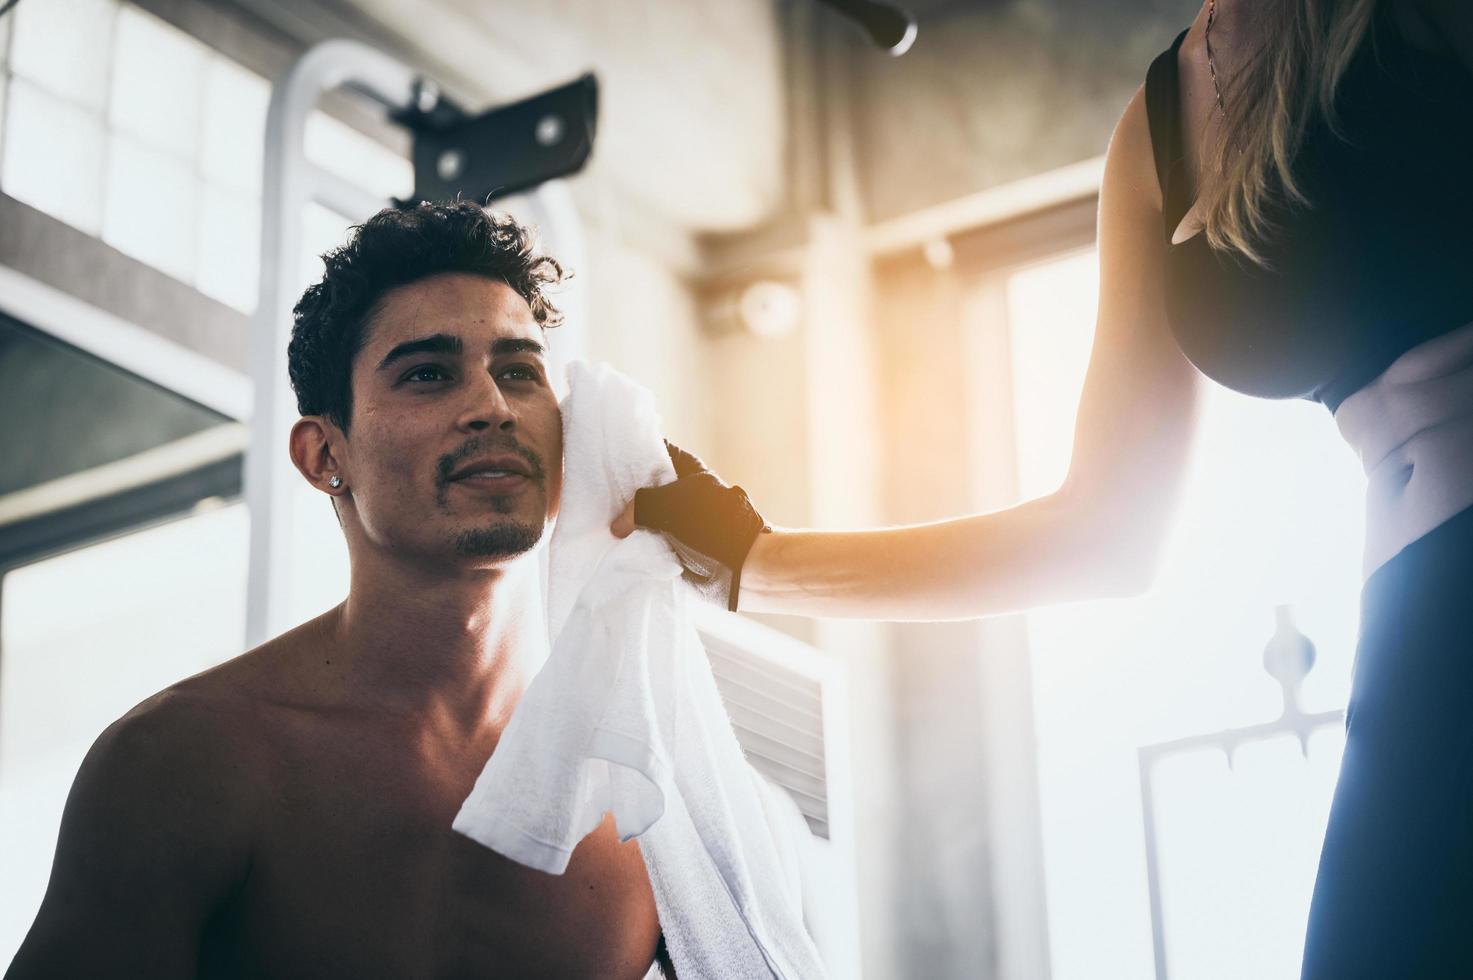 vrouw veegt zweet van man's gezicht foto